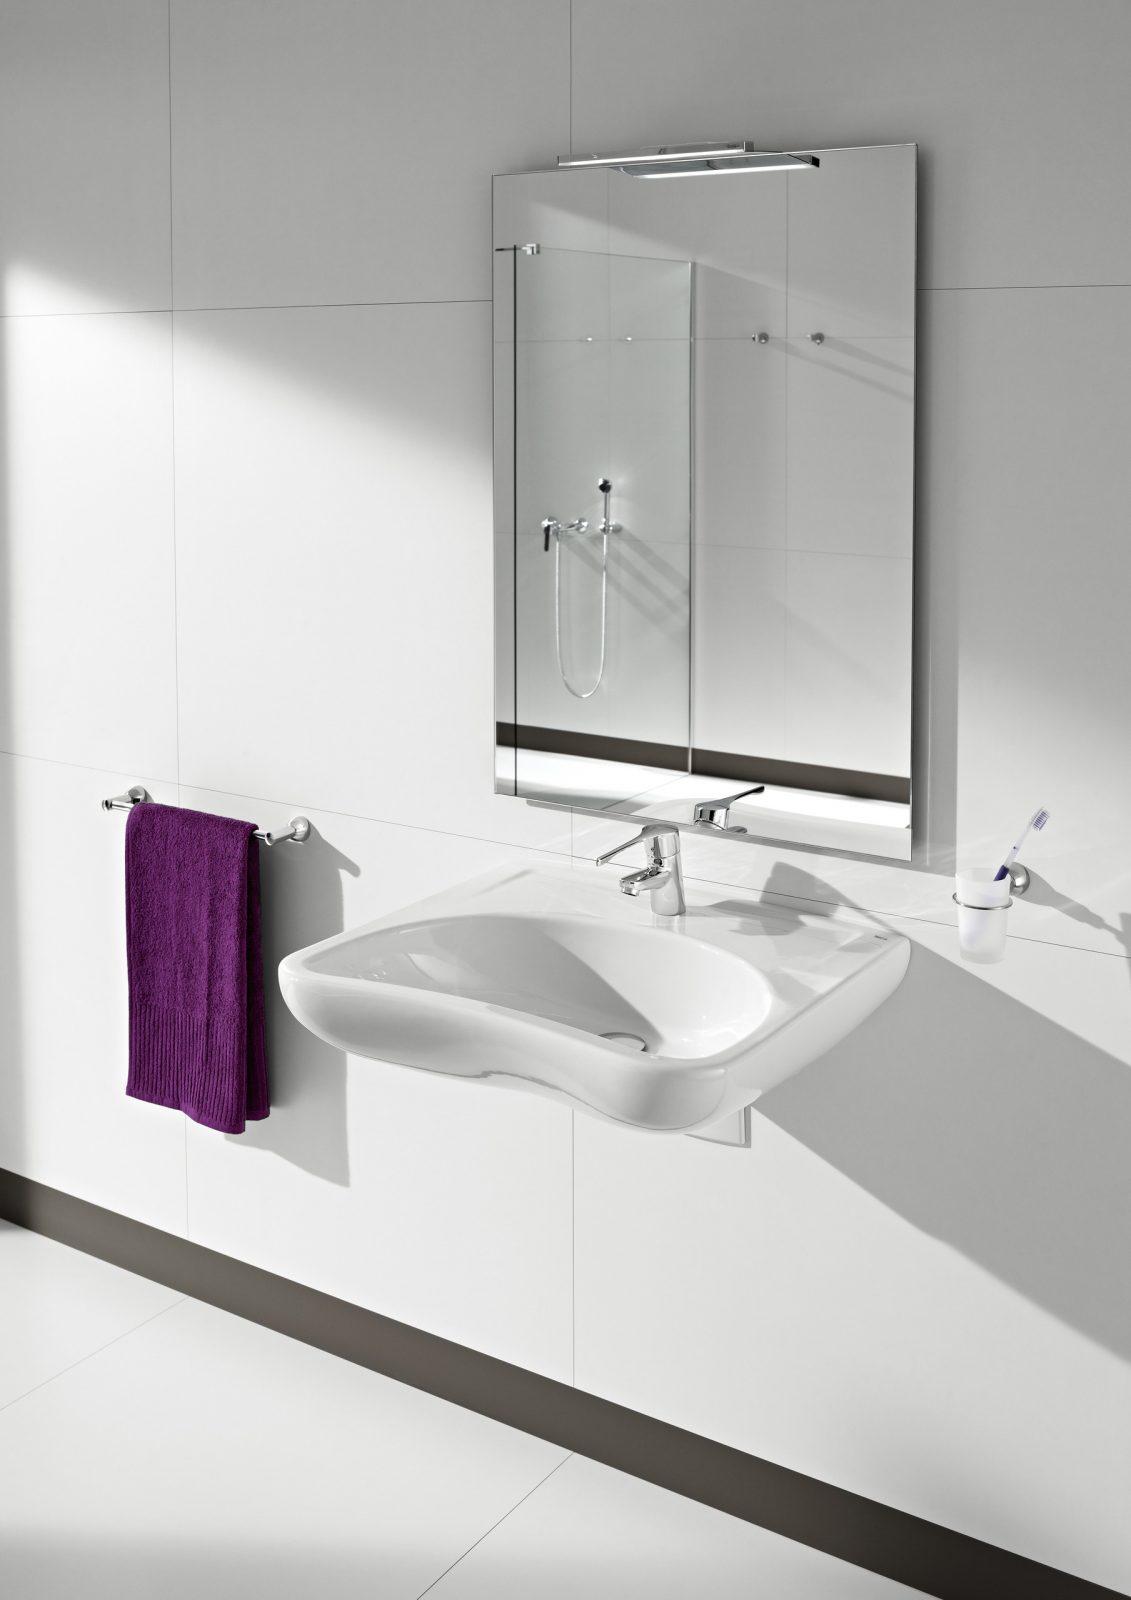 Lavabo accessible de salle de bain  fiche produit  salledebainsfr